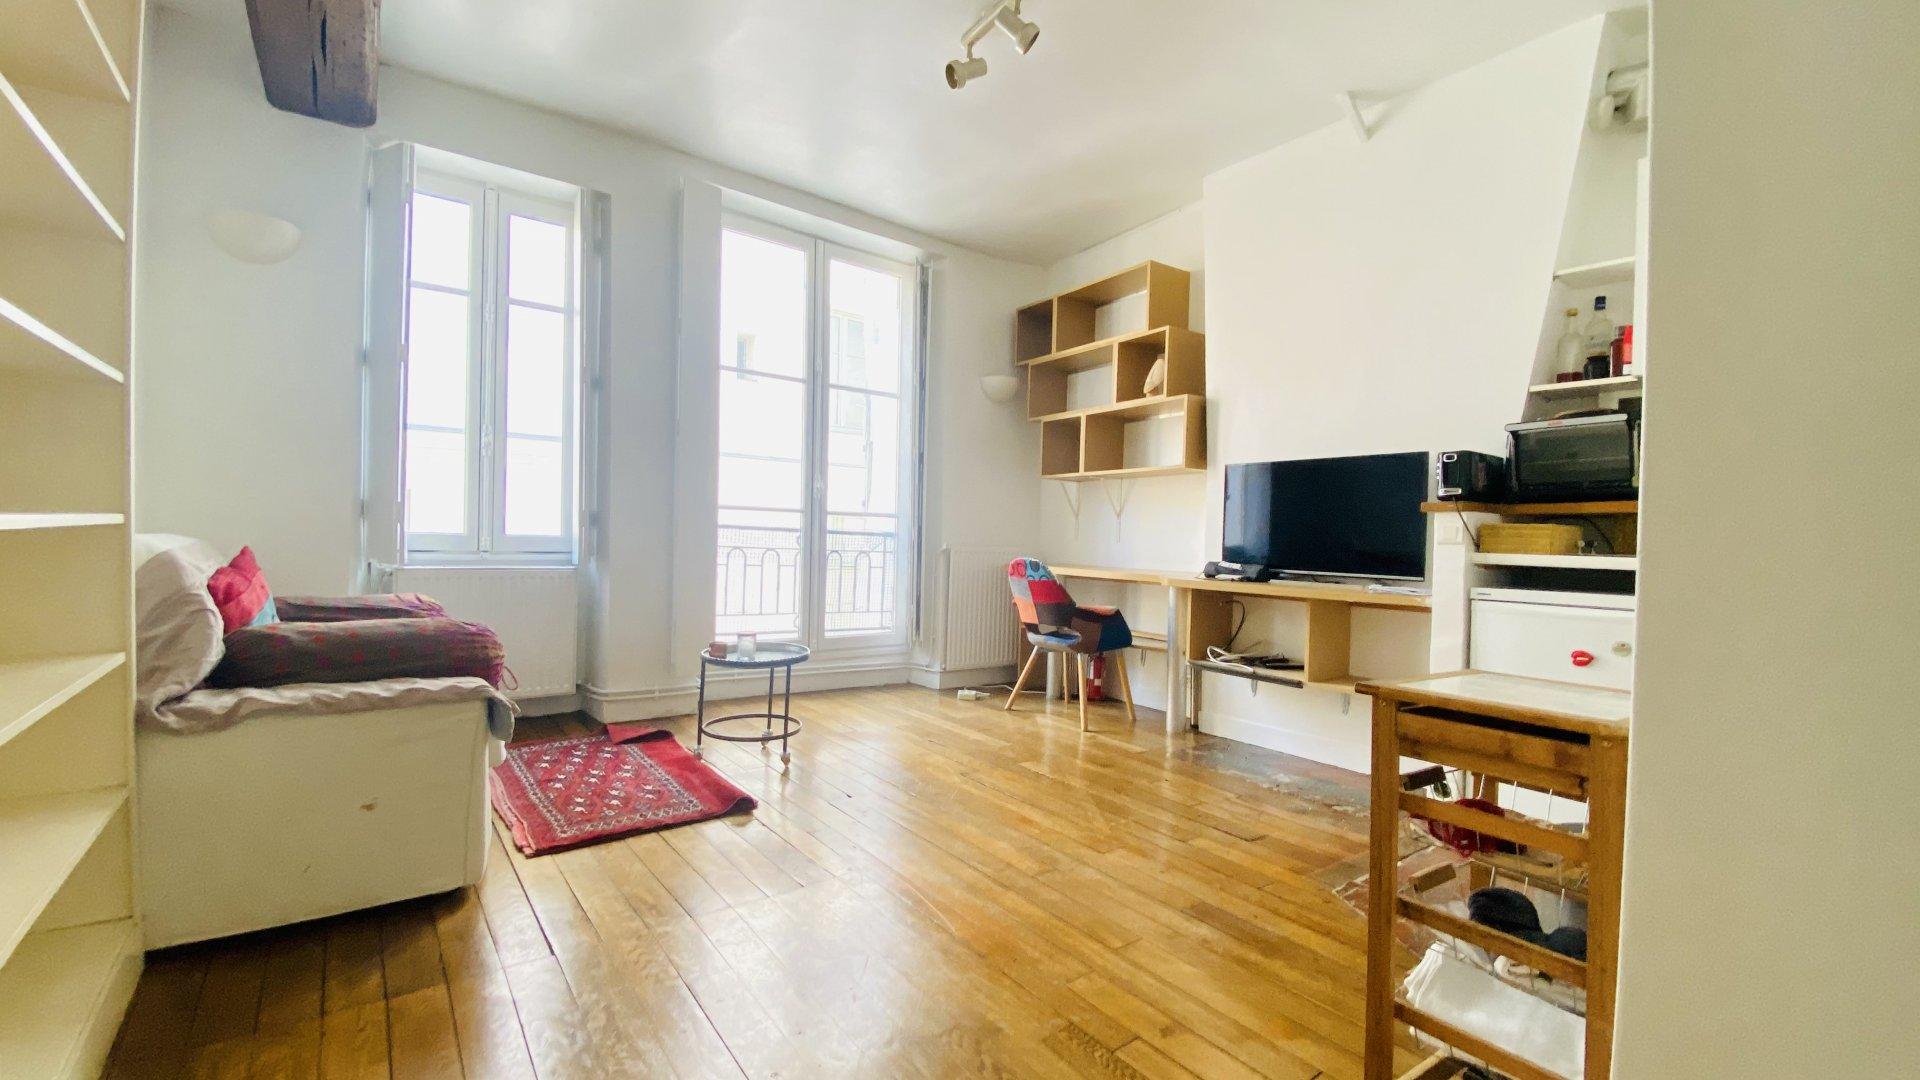 Sale Apartment - Paris 3rd (Paris 3ème) Archives